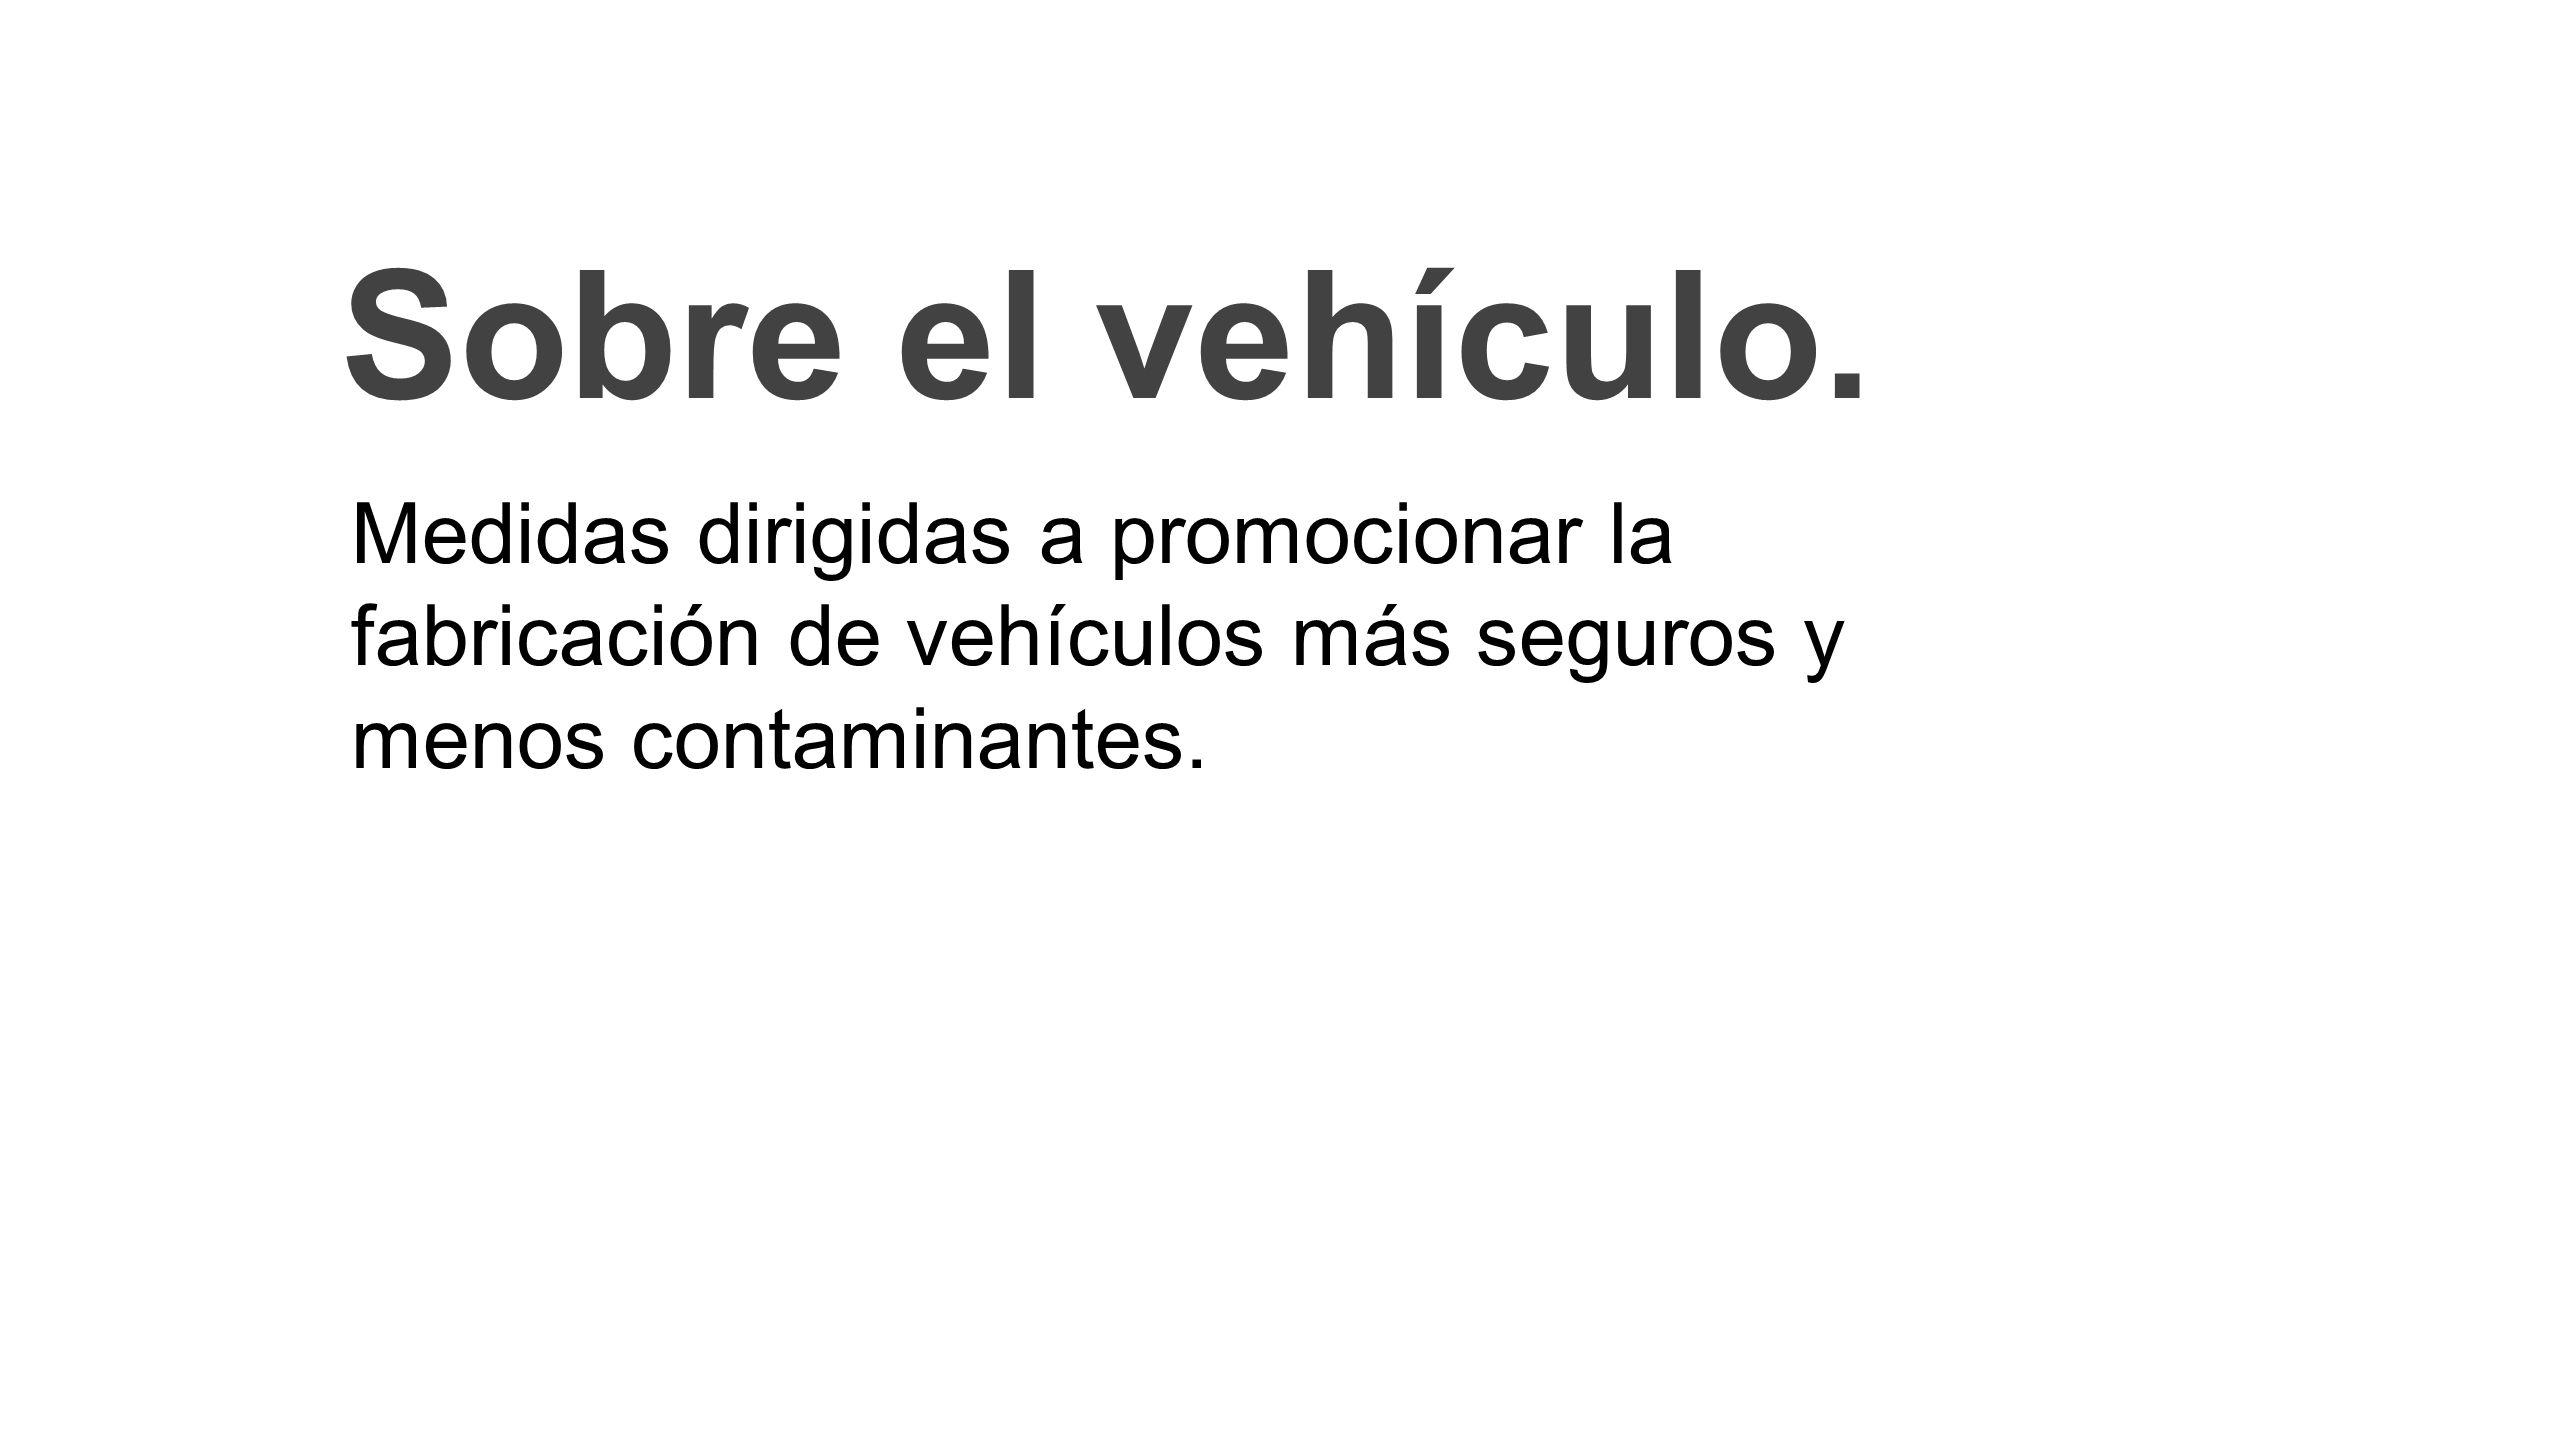 Sobre el vehículo.